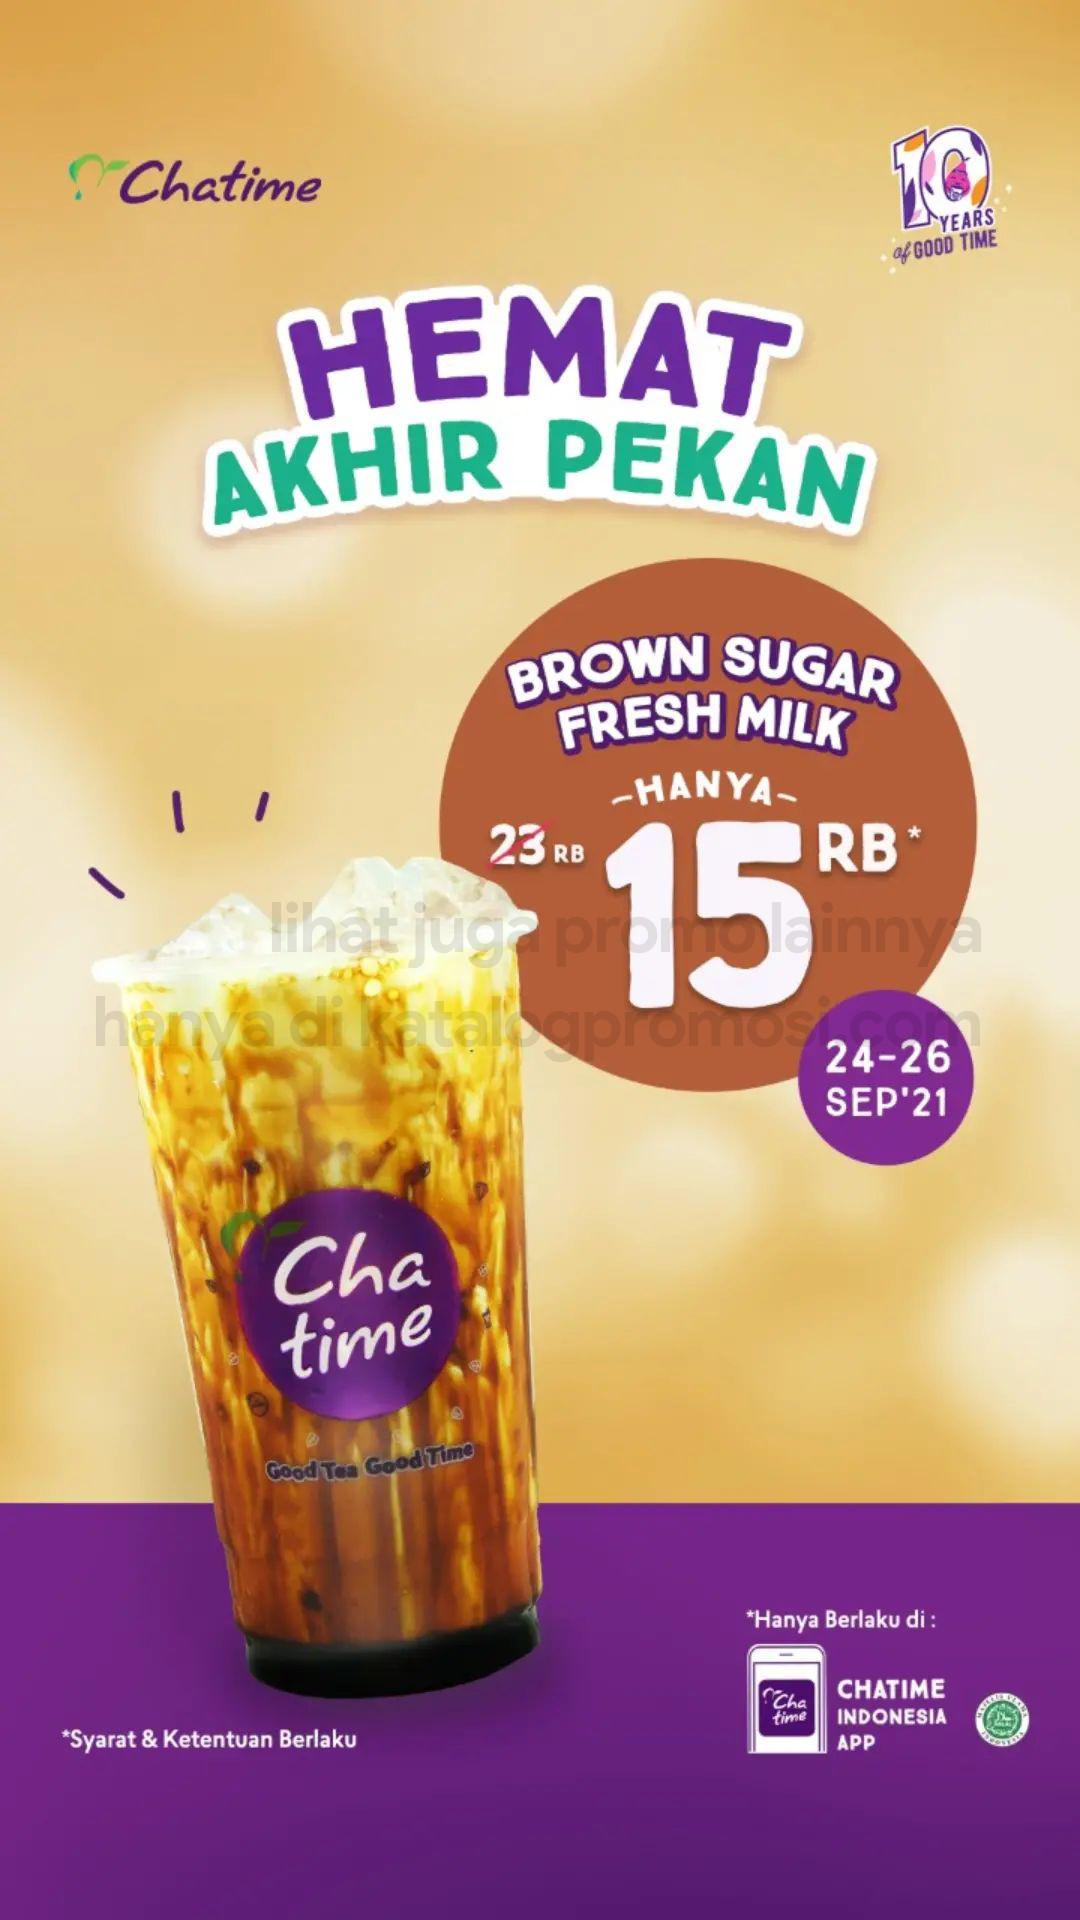 Promo CHATIME JSM TERBARU - Beli Chatime Brown Sugar Fresh Milk CUMA Rp 15.000 berlaku hanya di tanggal 24-26 September 2021